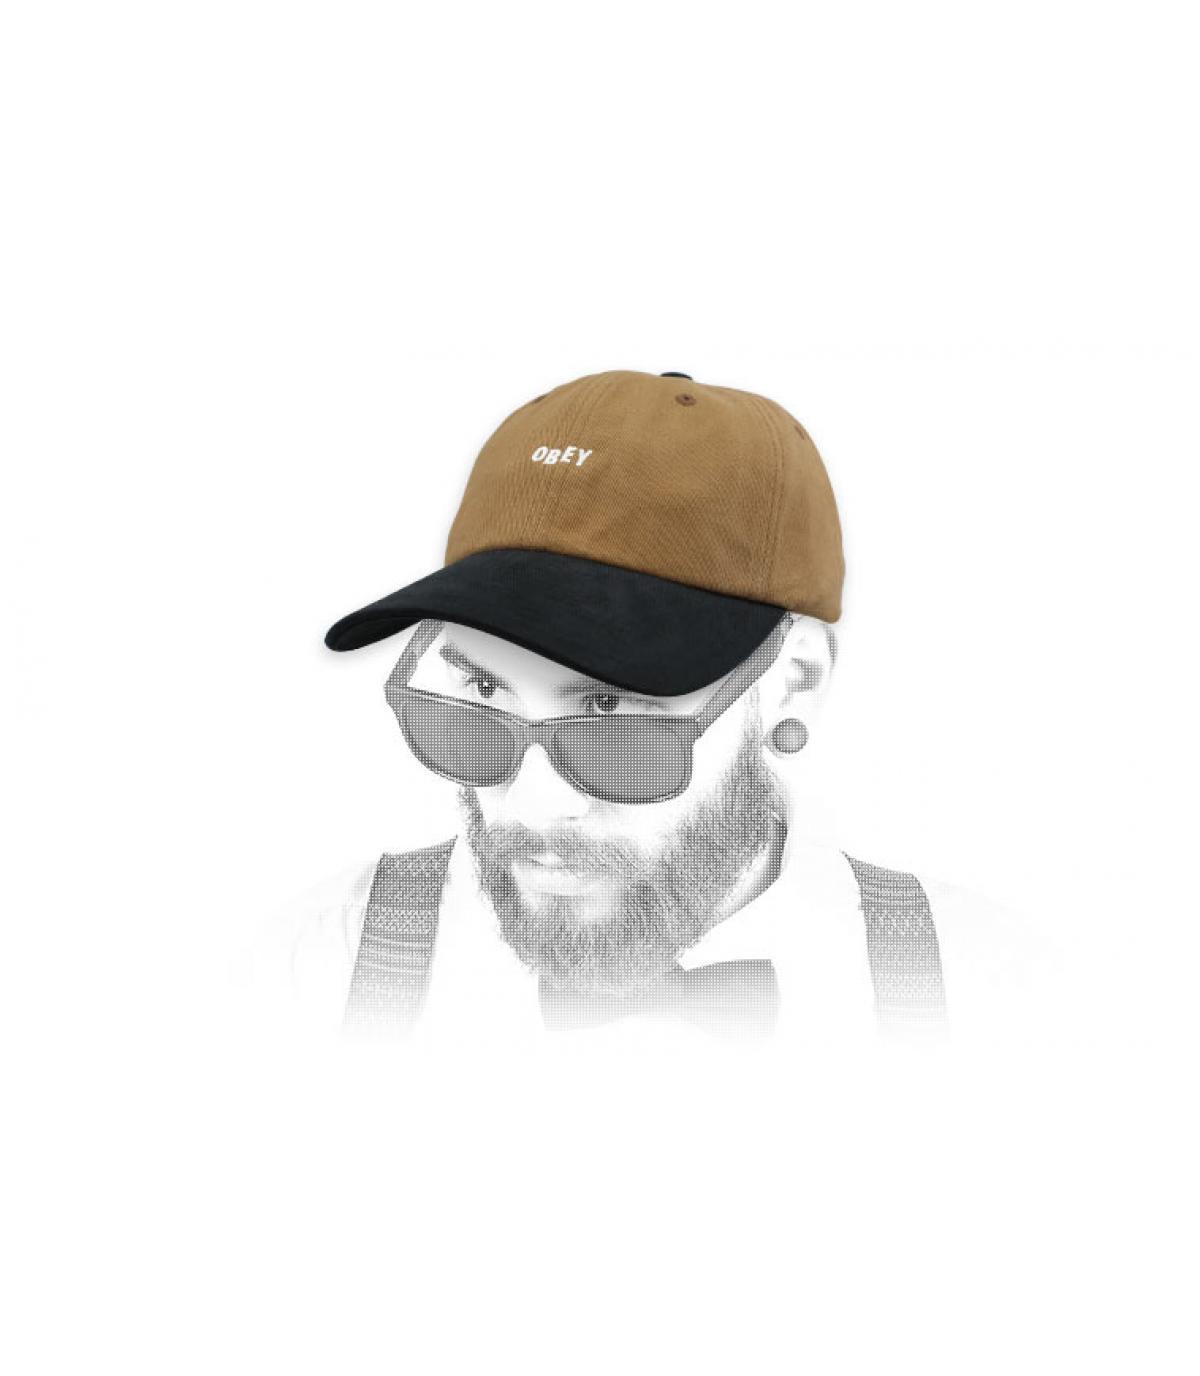 Obey brown black cap